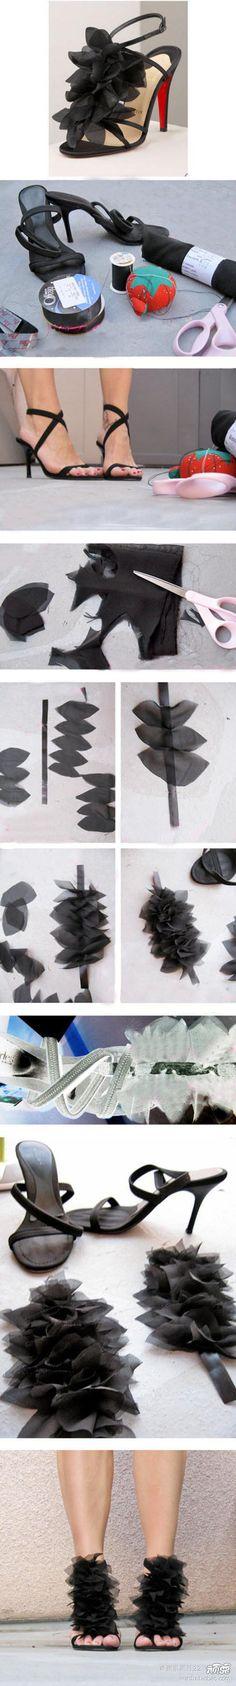 DIY Petals High Heels